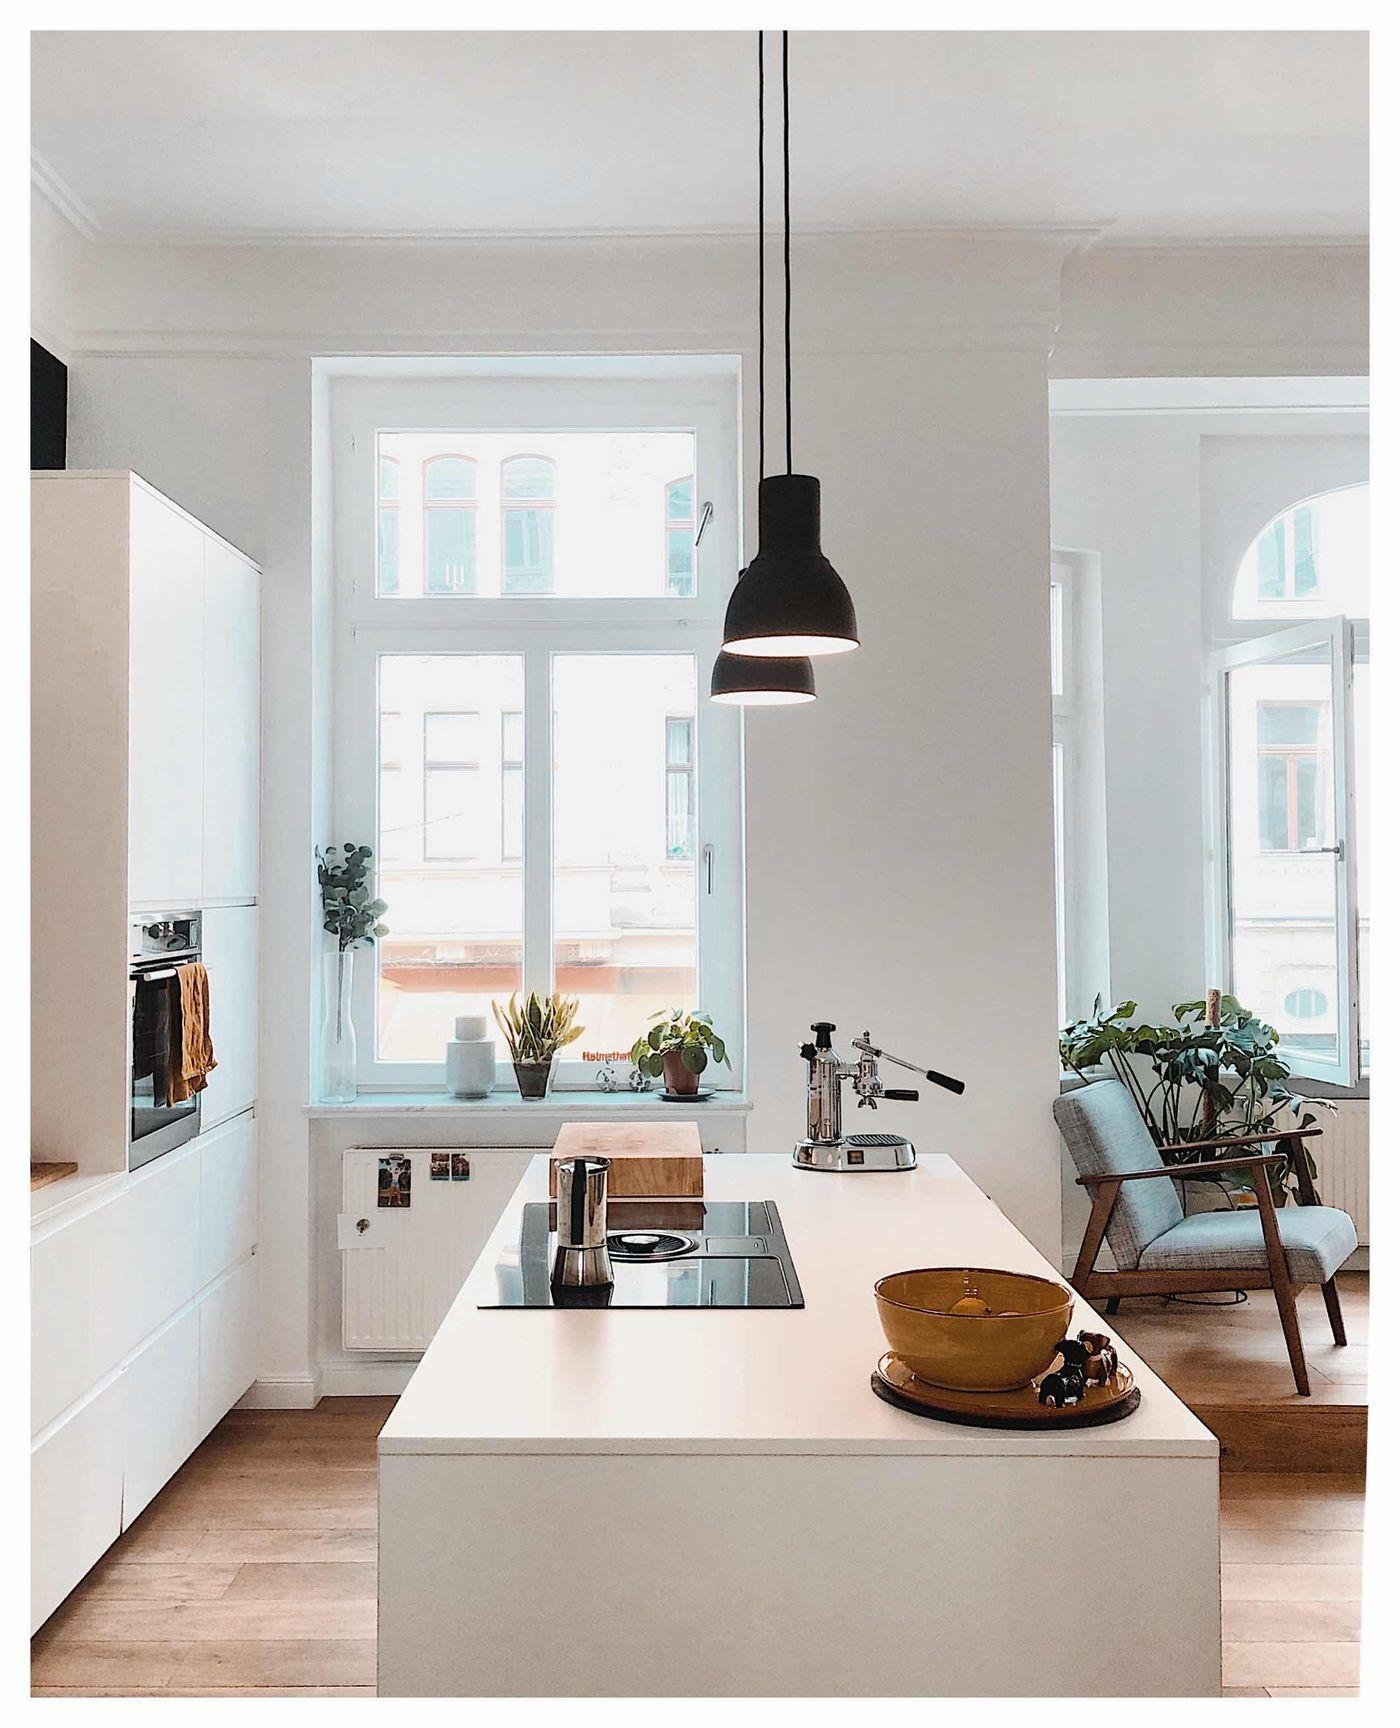 Full Size of Ikea Küchenzeile Kchen Tolle Tipps Und Ideen Fr Kchenplanung Modulküche Küche Kosten Betten 160x200 Kaufen Bei Miniküche Sofa Mit Schlaffunktion Wohnzimmer Ikea Küchenzeile